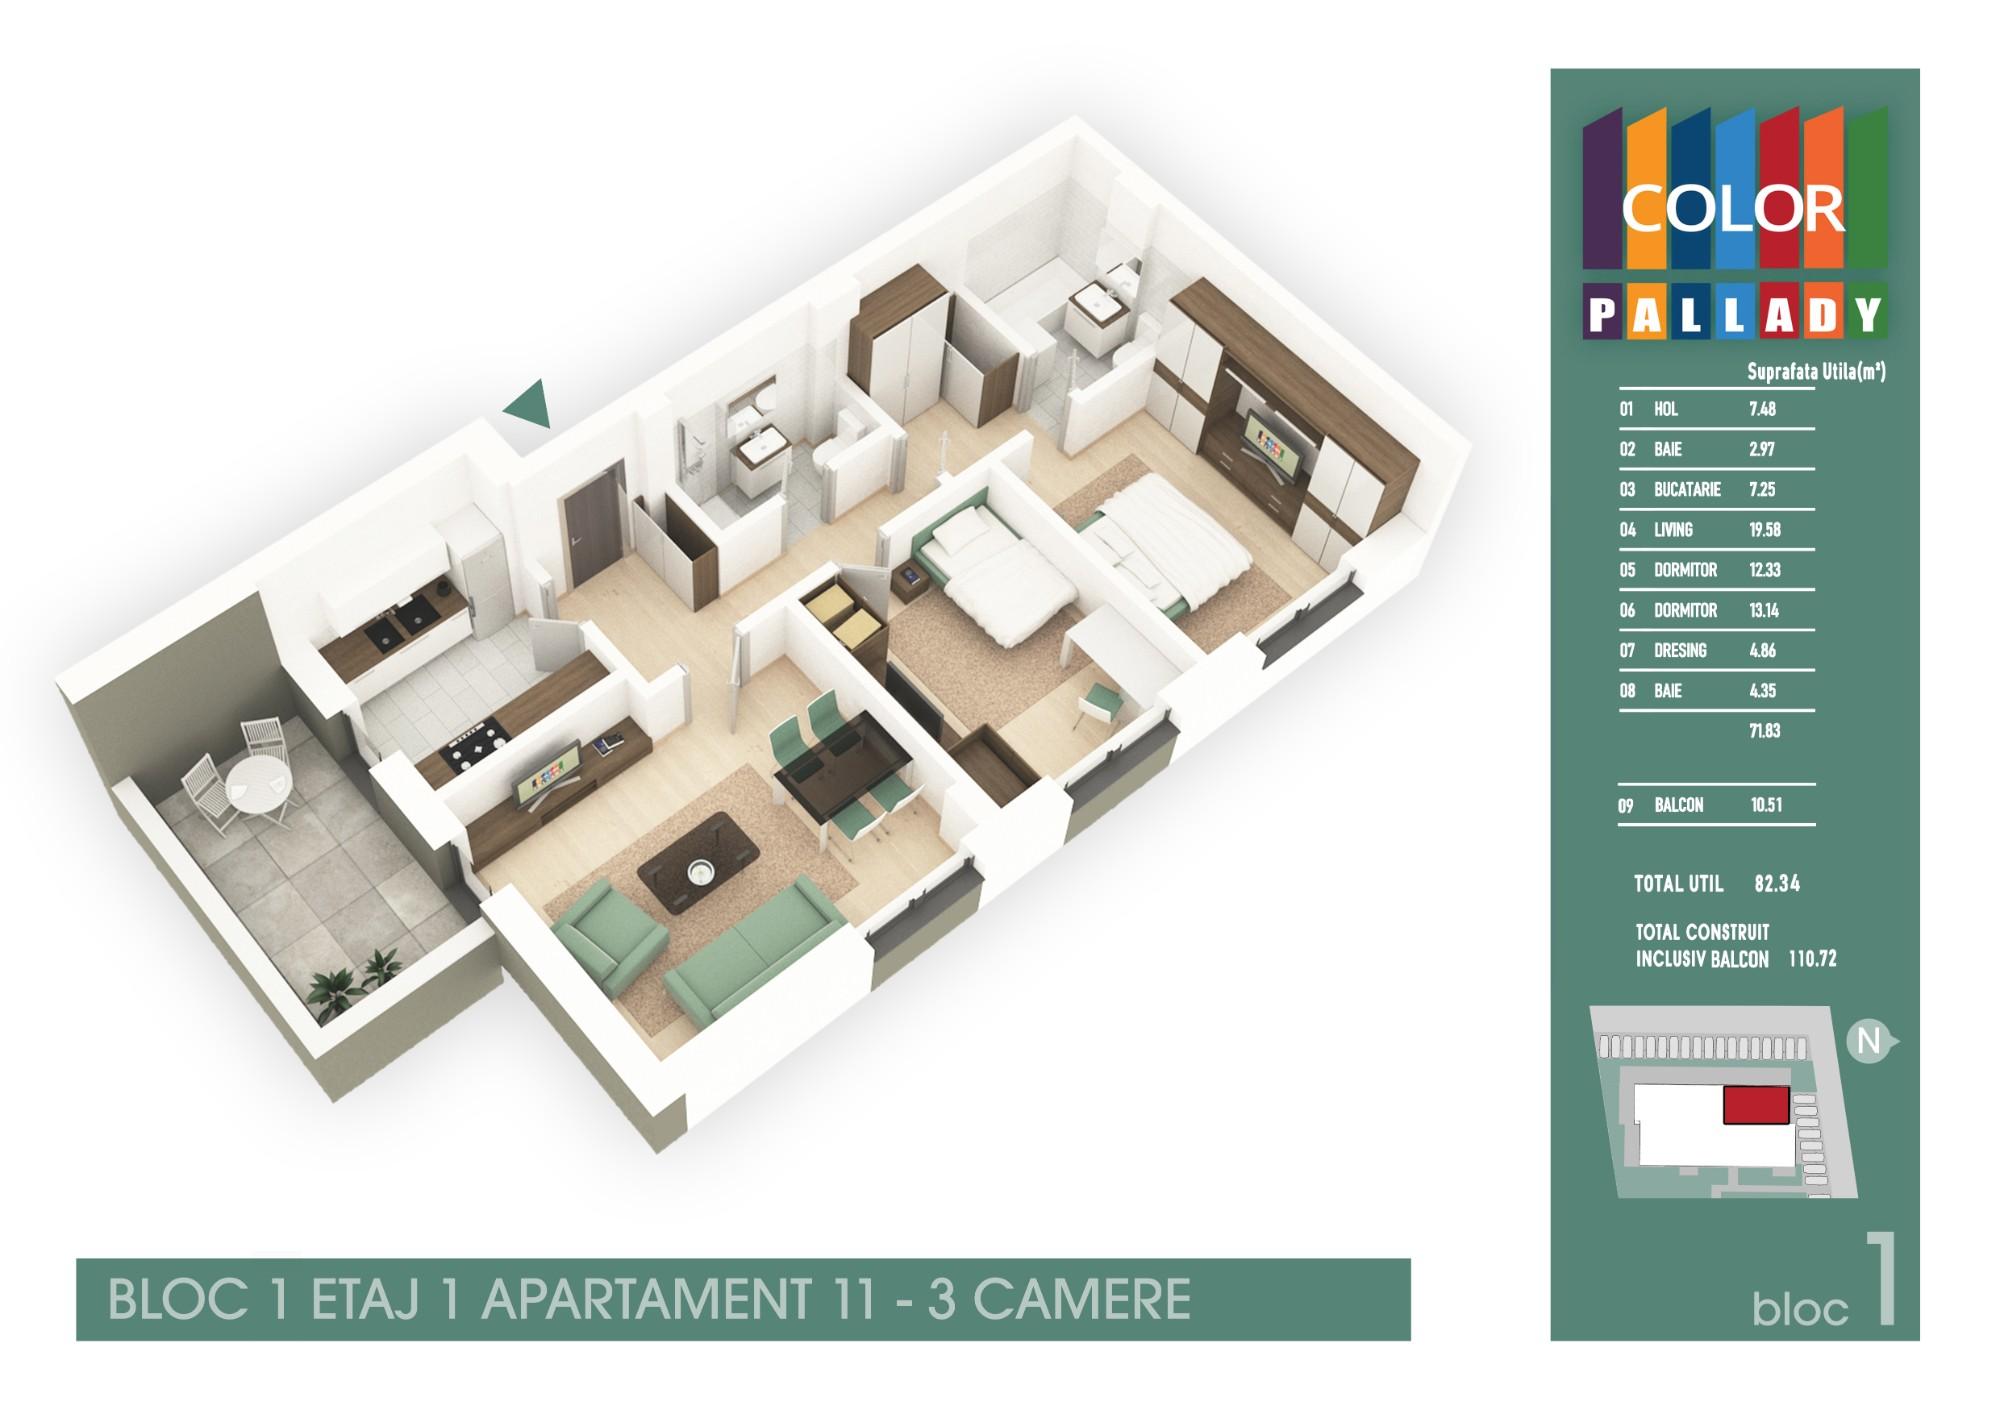 Bloc 1 - Etaj 1 - Apartament 11